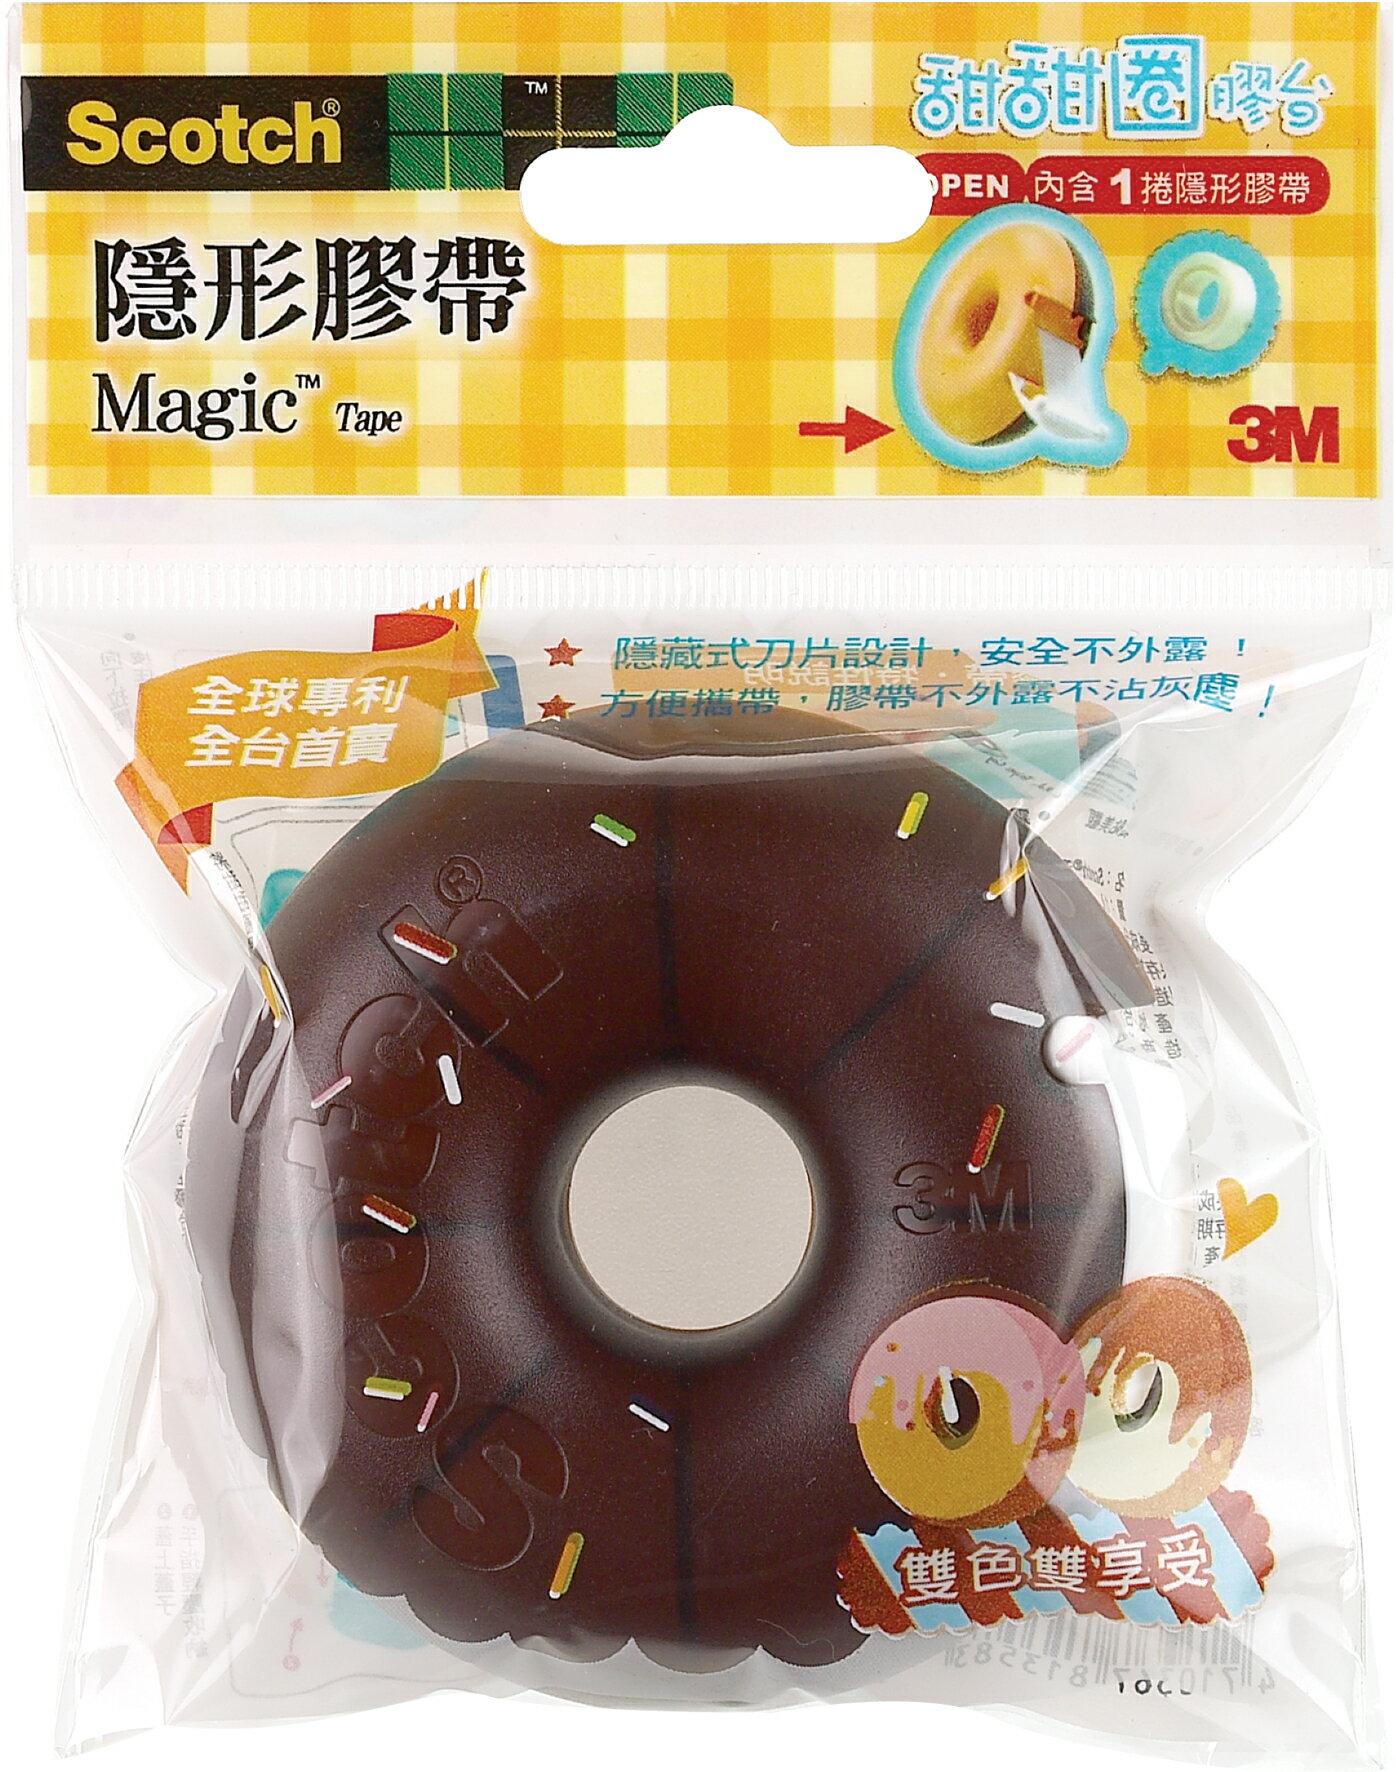 【3M】810-DD6 Scotch 膠帶黏貼系列 甜甜圈膠台 巧克力+咖啡